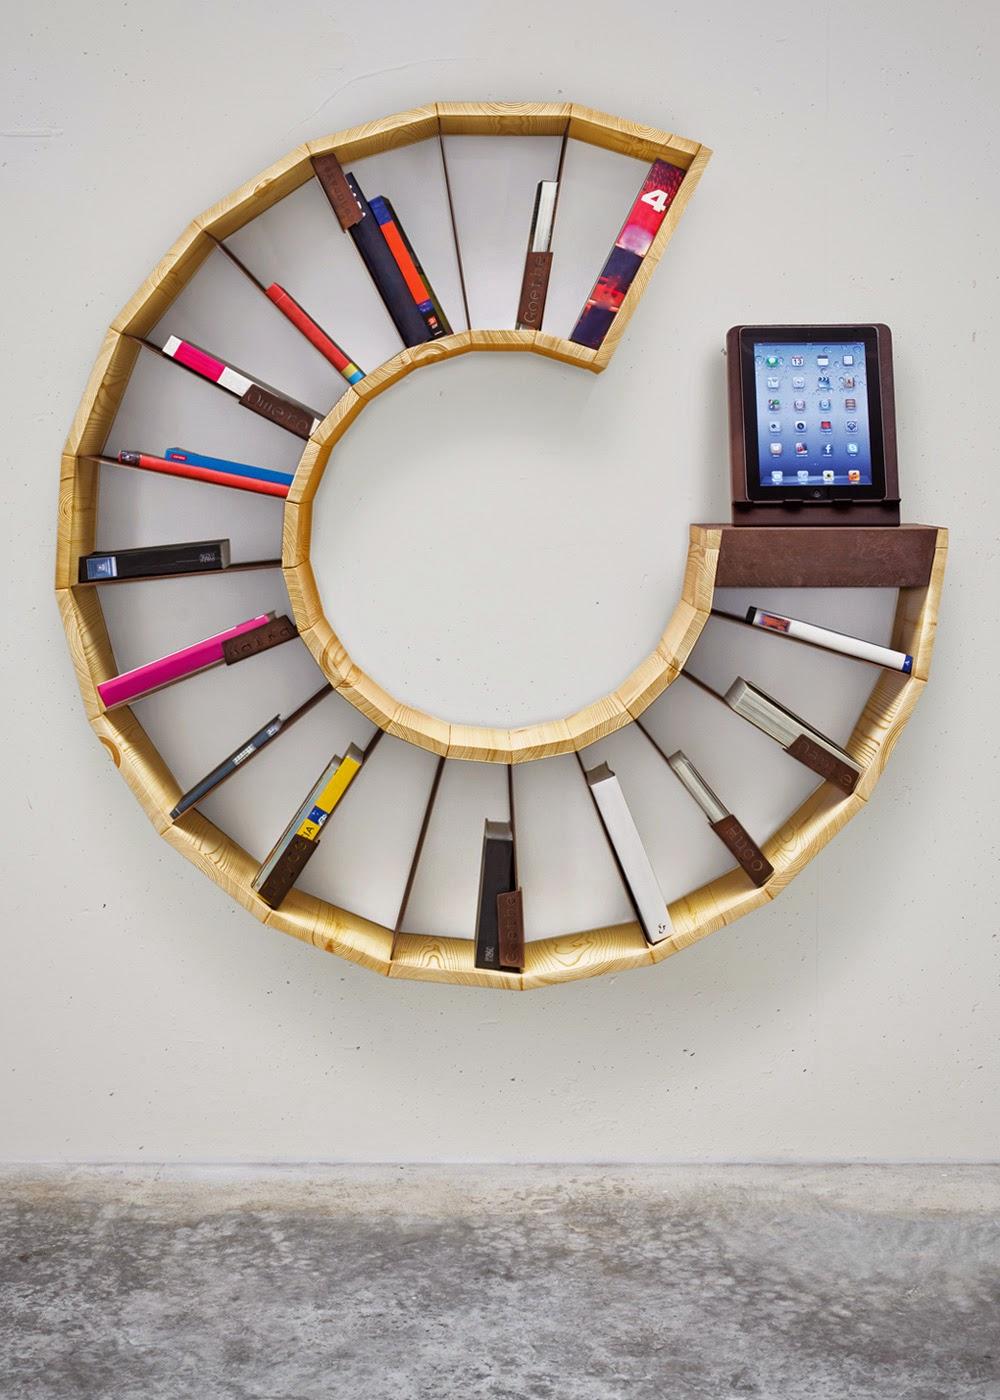 إبداع في تصميم مكتبة منزلية